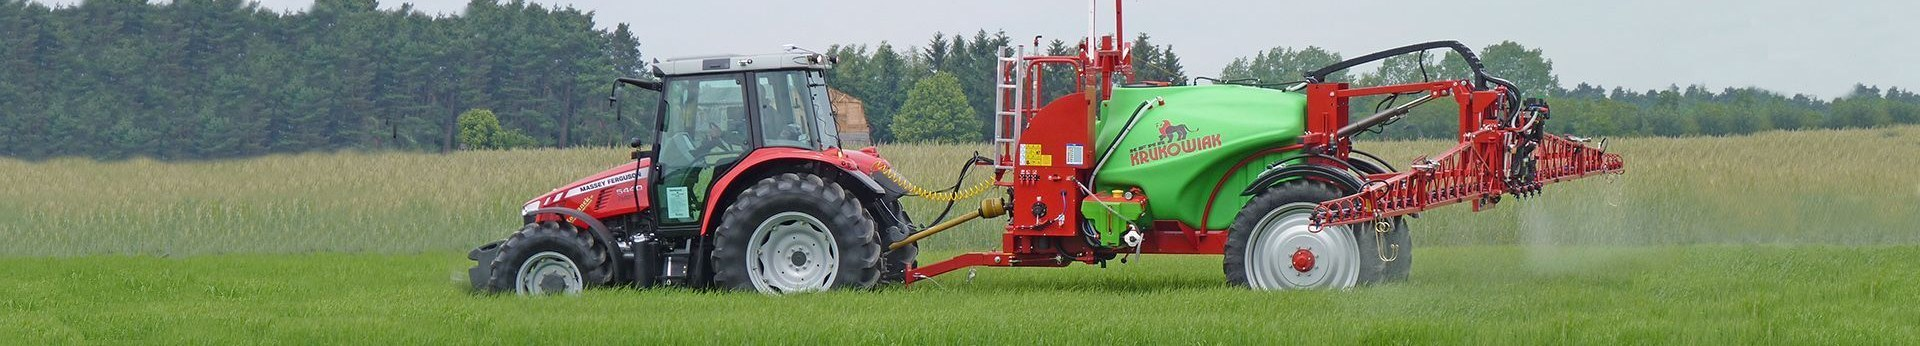 Czerwony Ciągnik Massey Ferguson pracujący w polu z opryskiwaczem przyczepianym Krukowiak Goliat Plus widok z boku podczas wykonywania oprysku